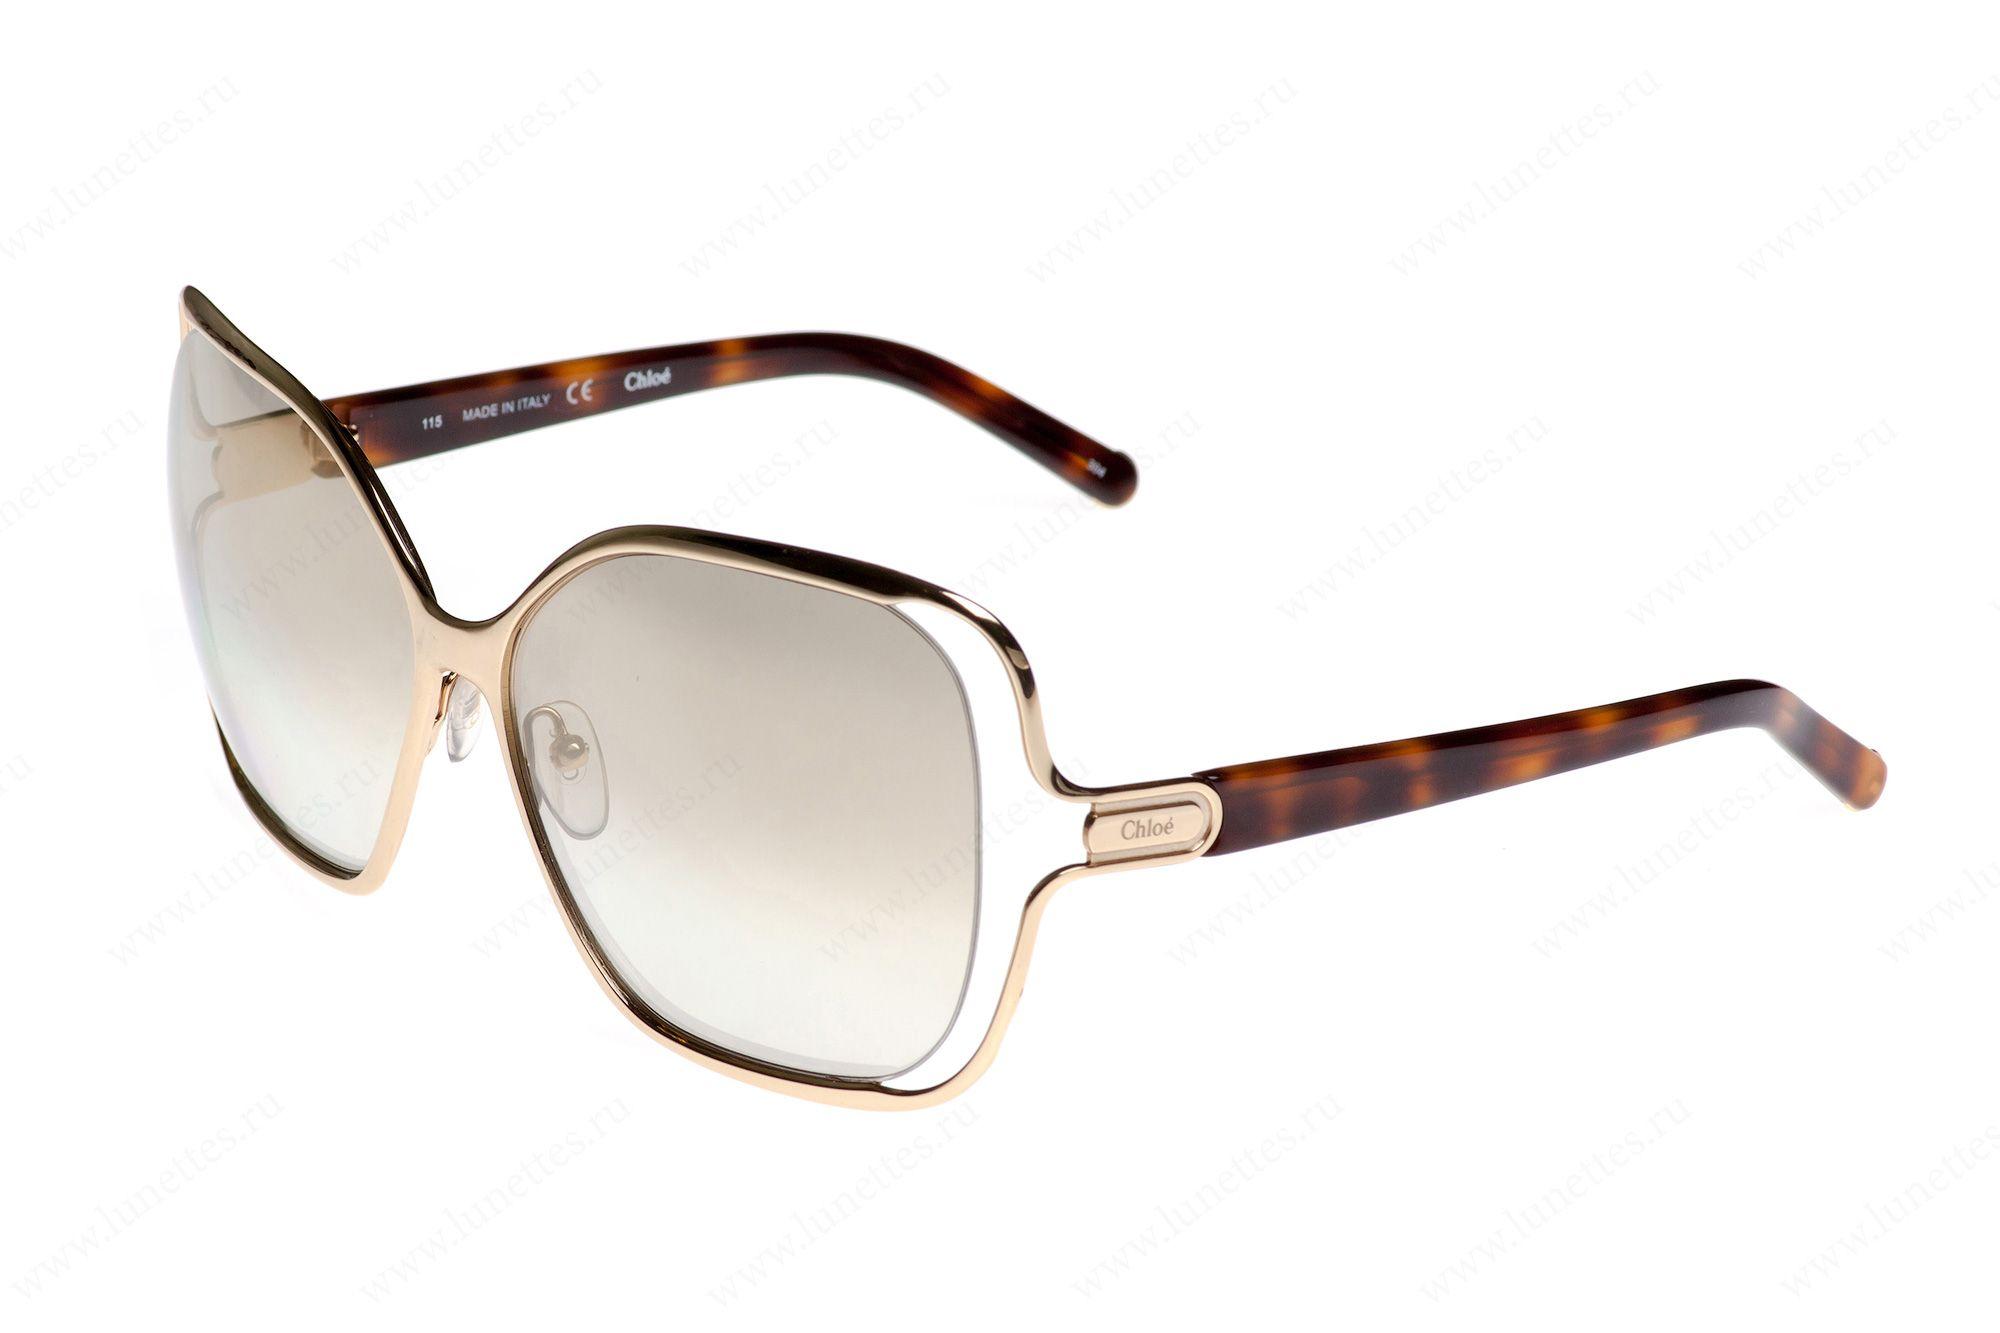 d0b8a78e560e Купить солнцезащитные очки Chloe 108S 757 в интернет-магазине